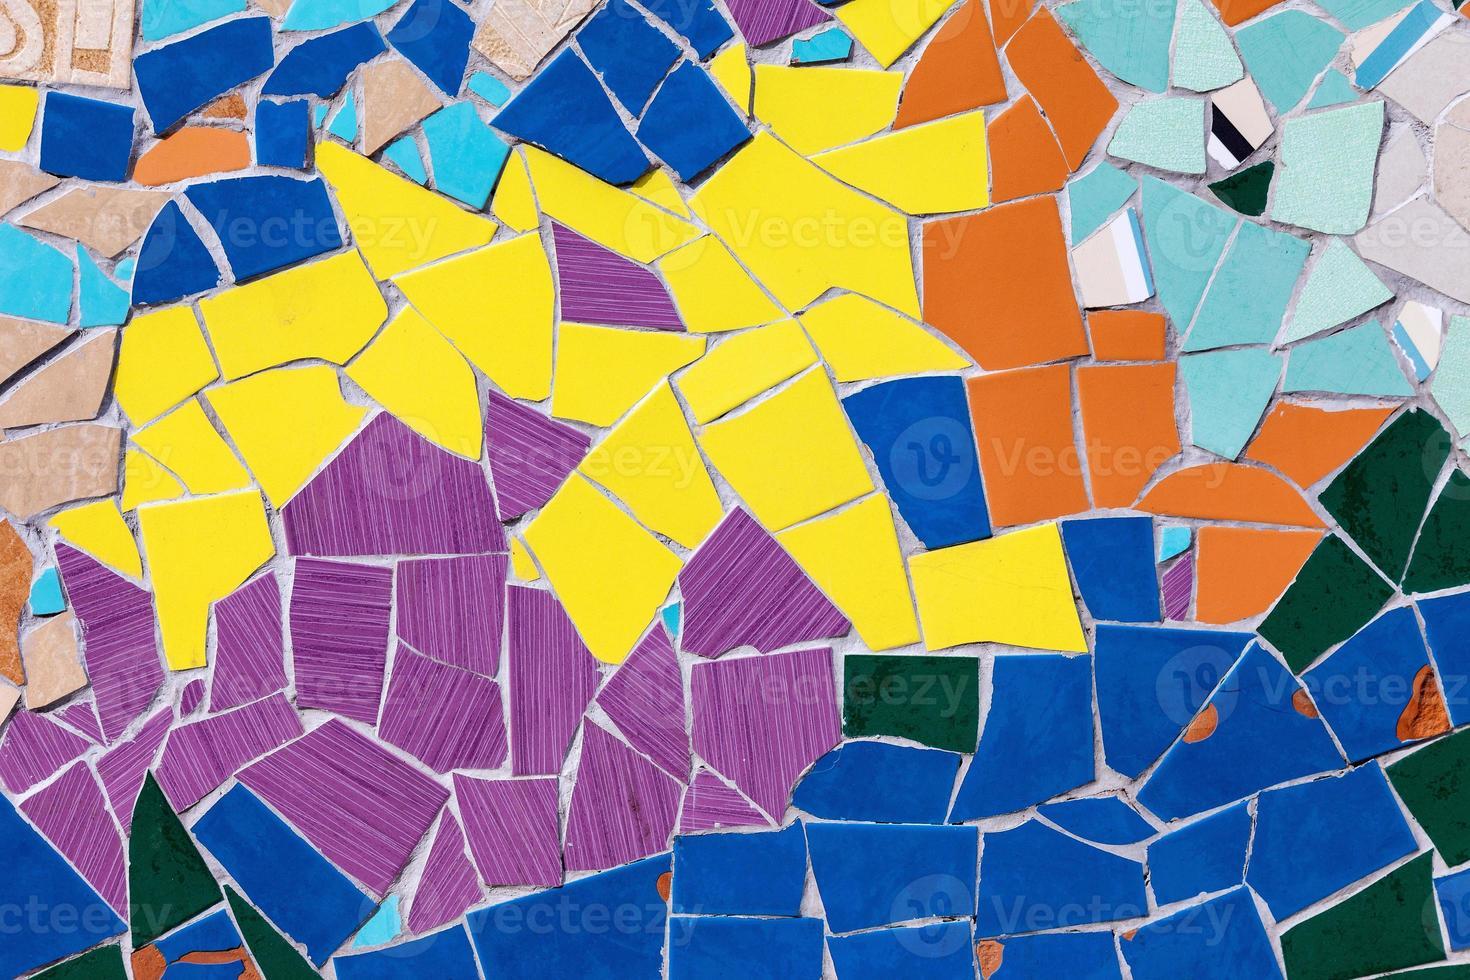 padrão de composição de mosaico de azulejos de vidro cerâmico foto